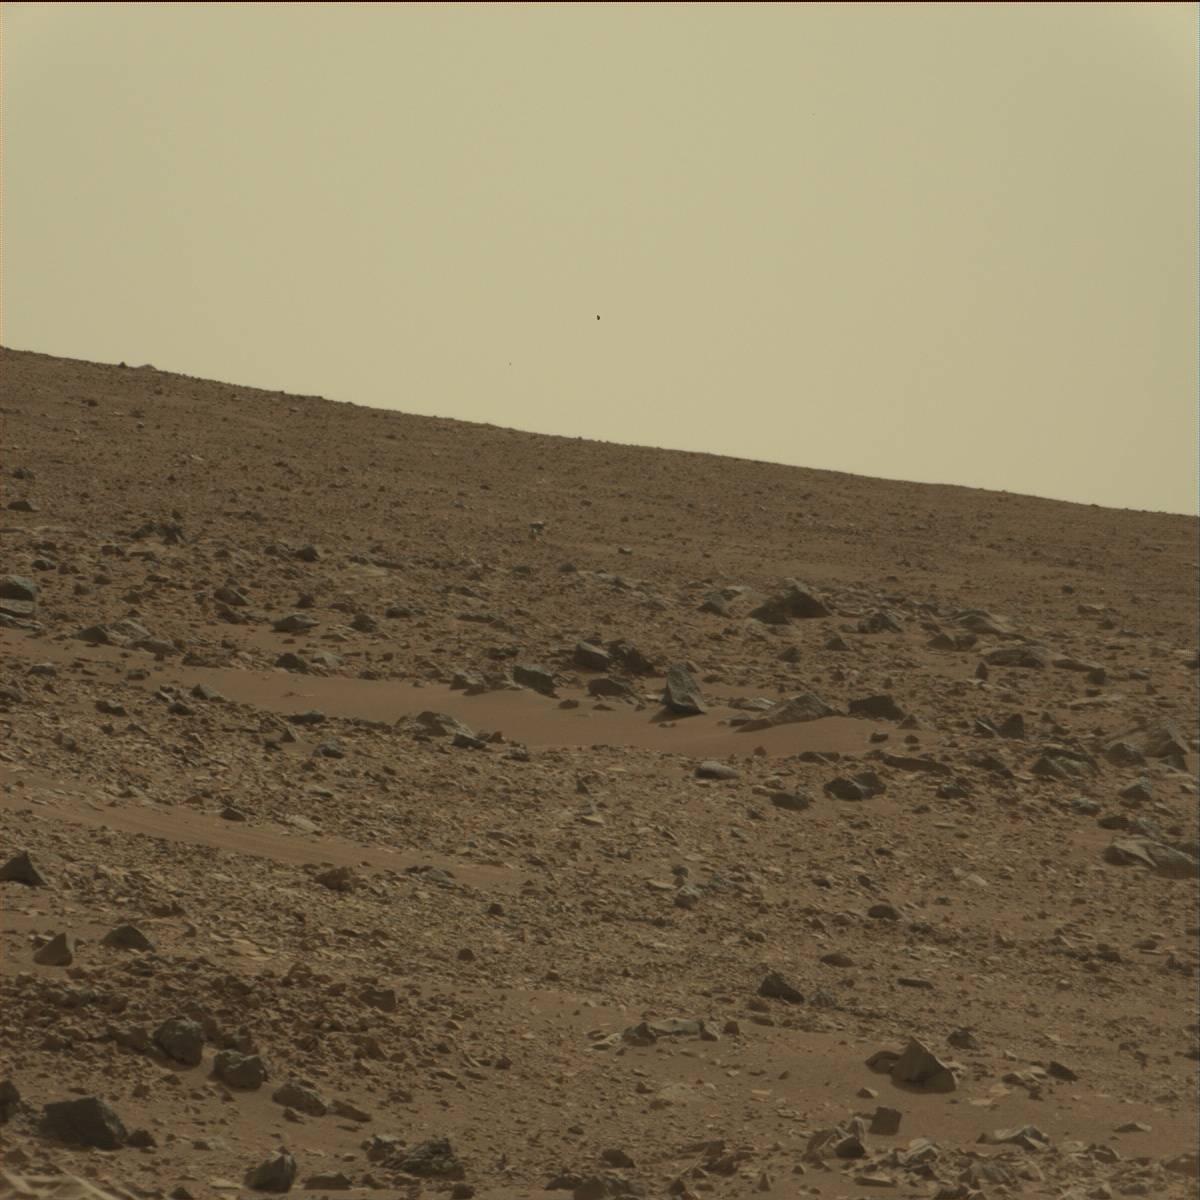 rover 75 mars - photo #21